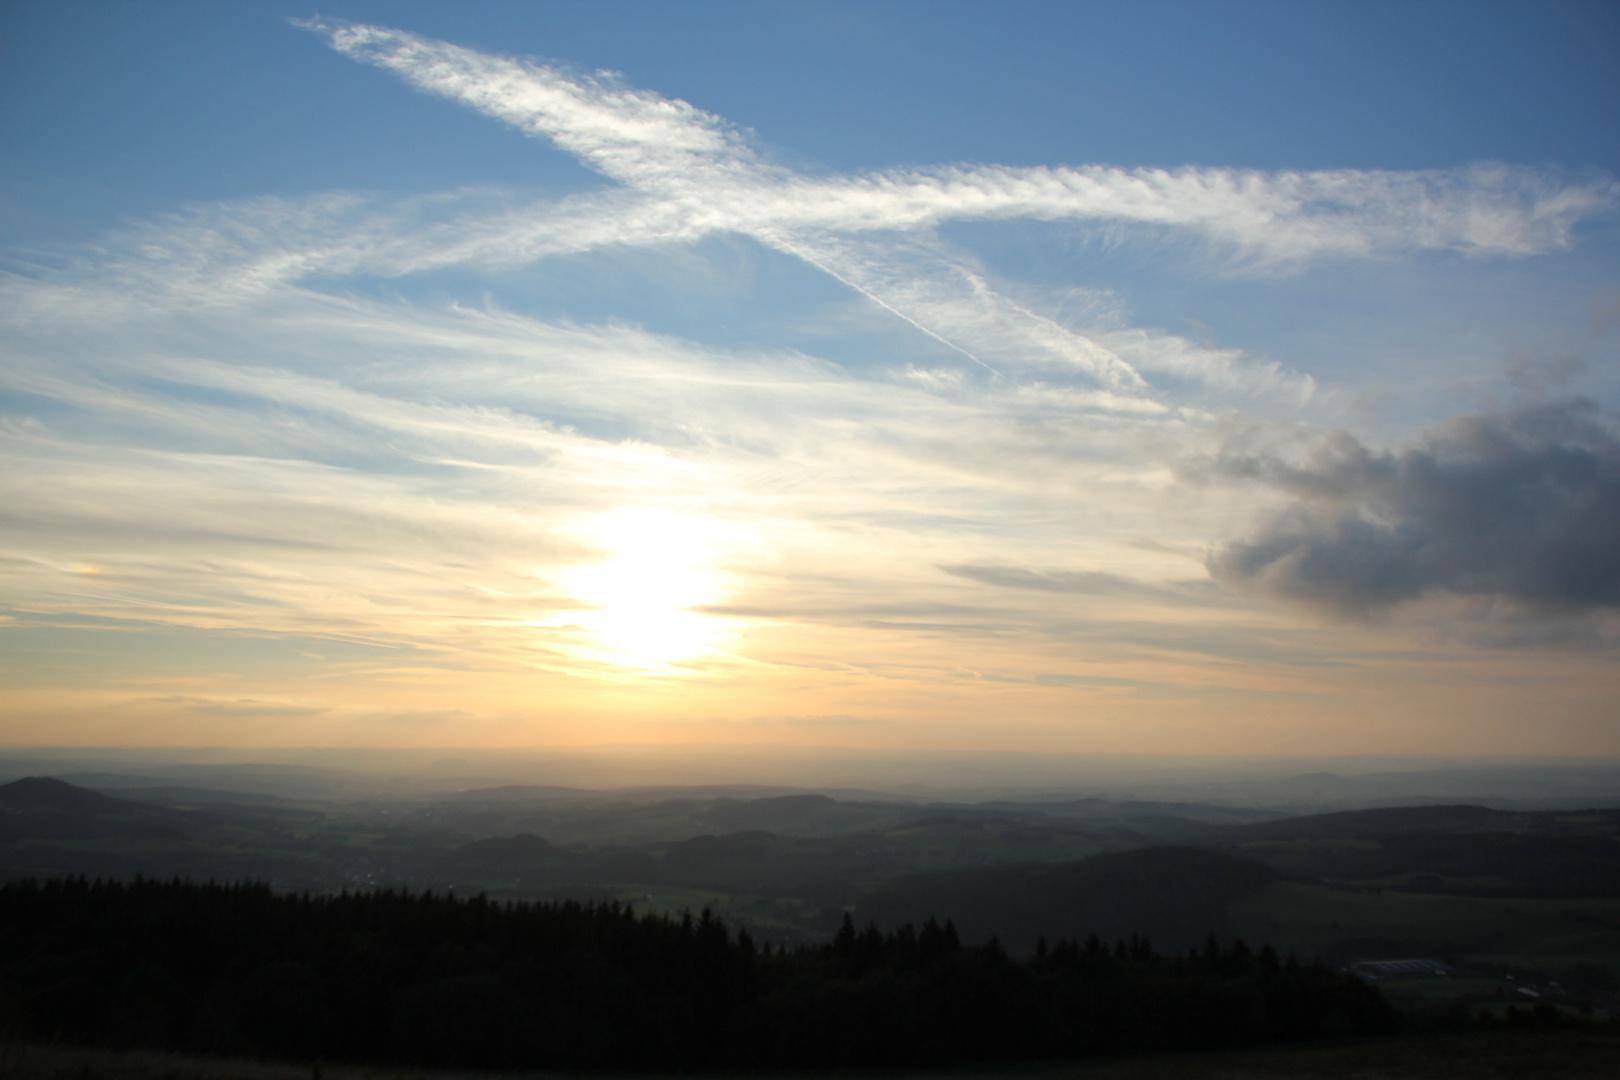 Sonnenuntergang auf der Wasserkuppe (Hessen)